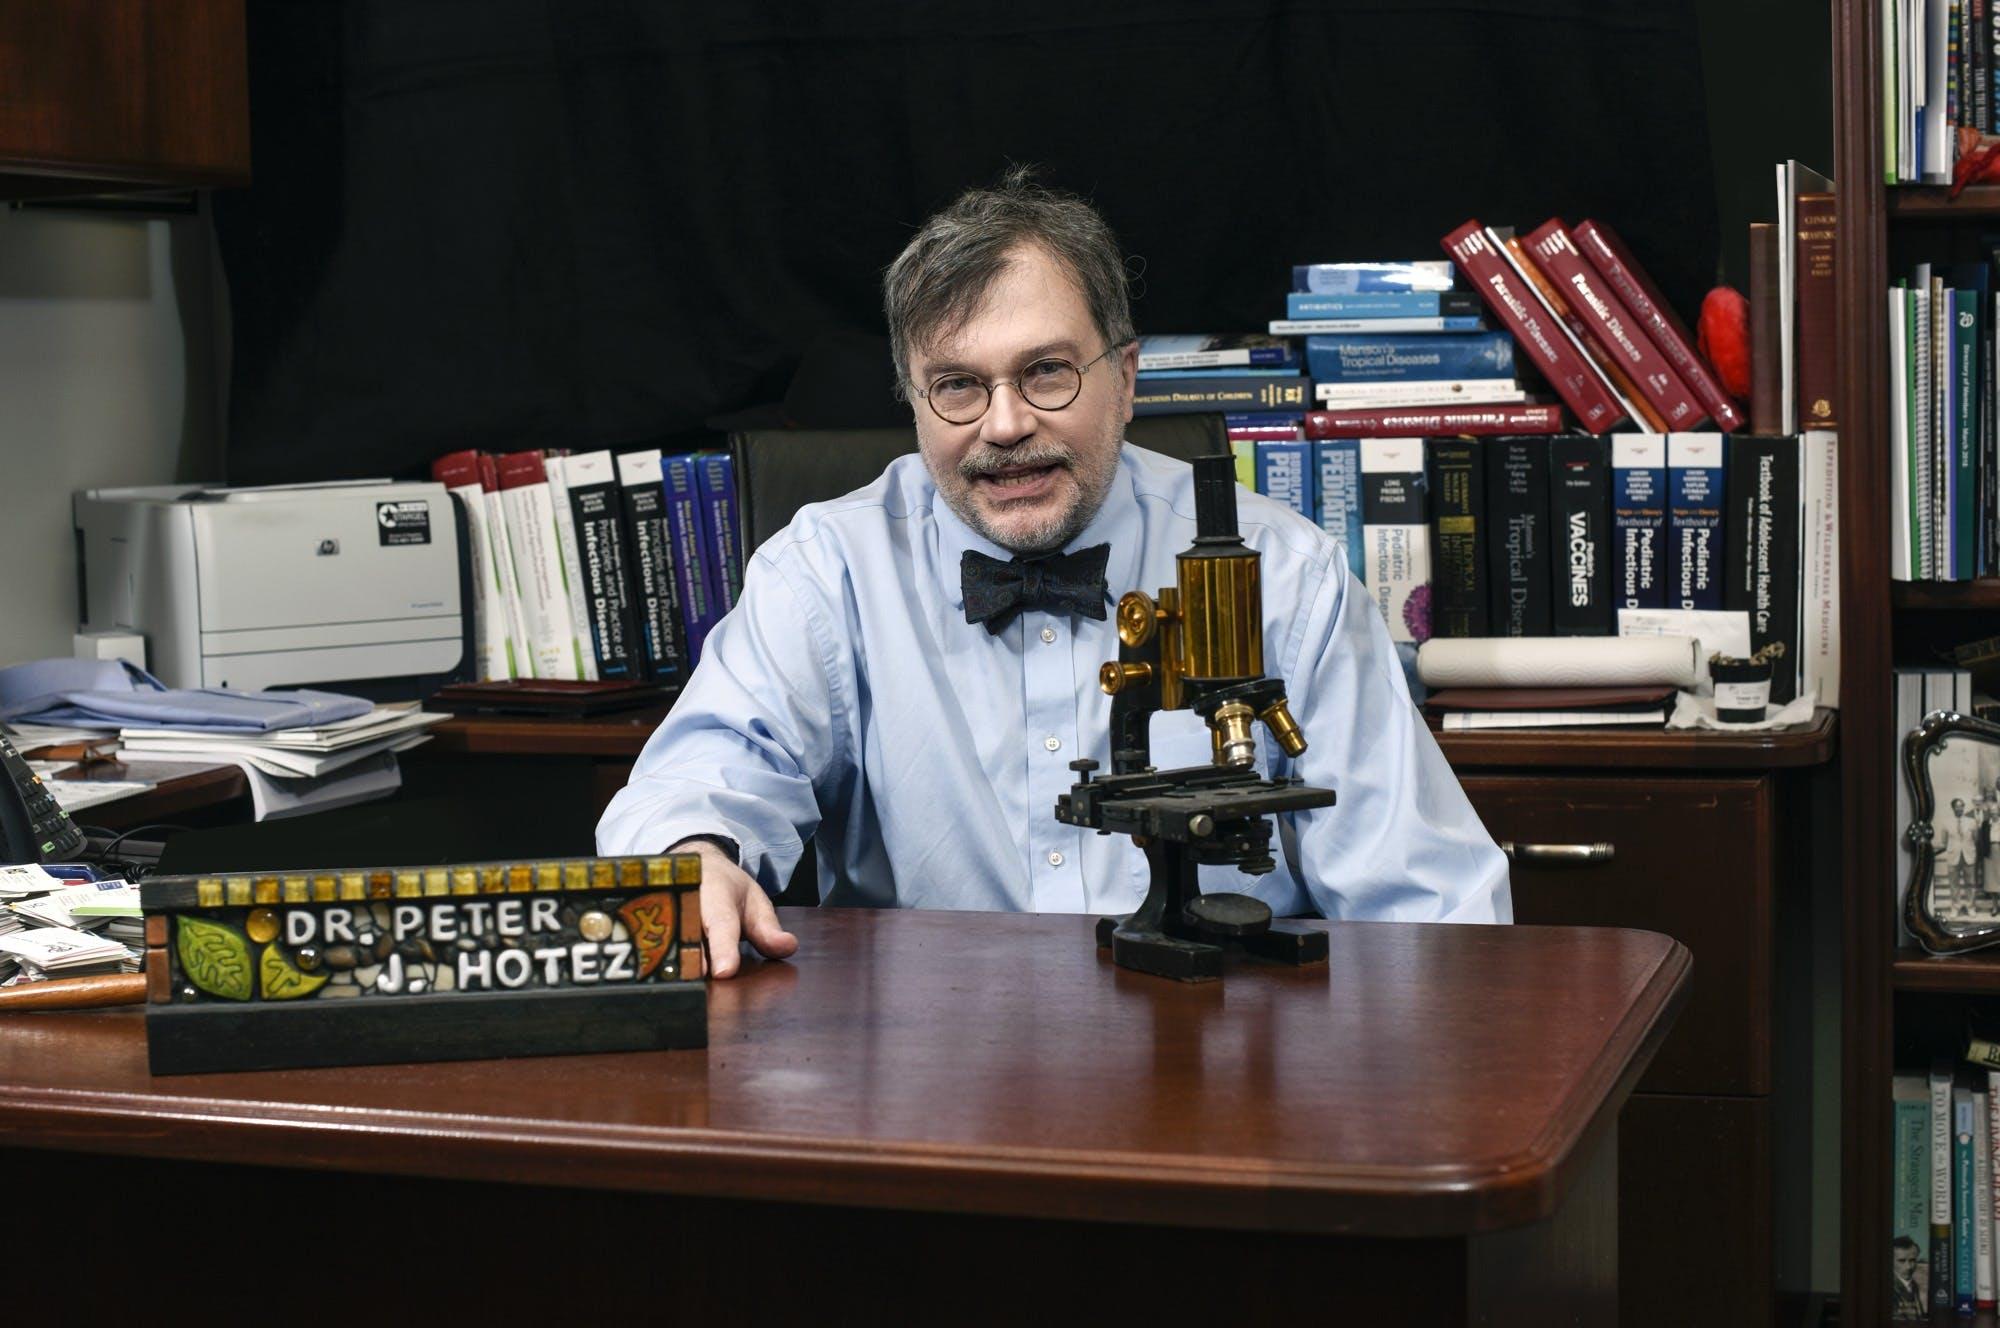 Dr. Peter Hotez explains vaccine diplomacy